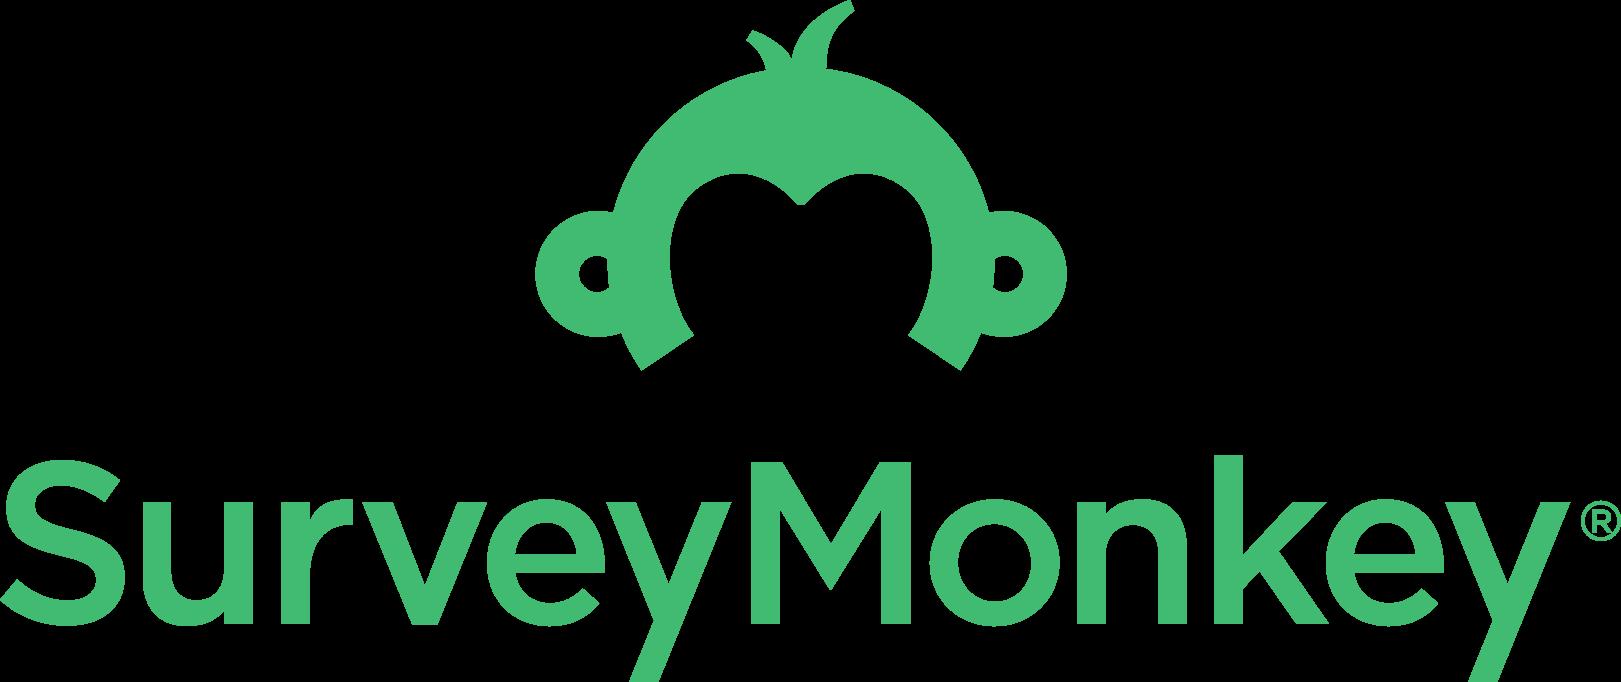 Survey Monkey 2